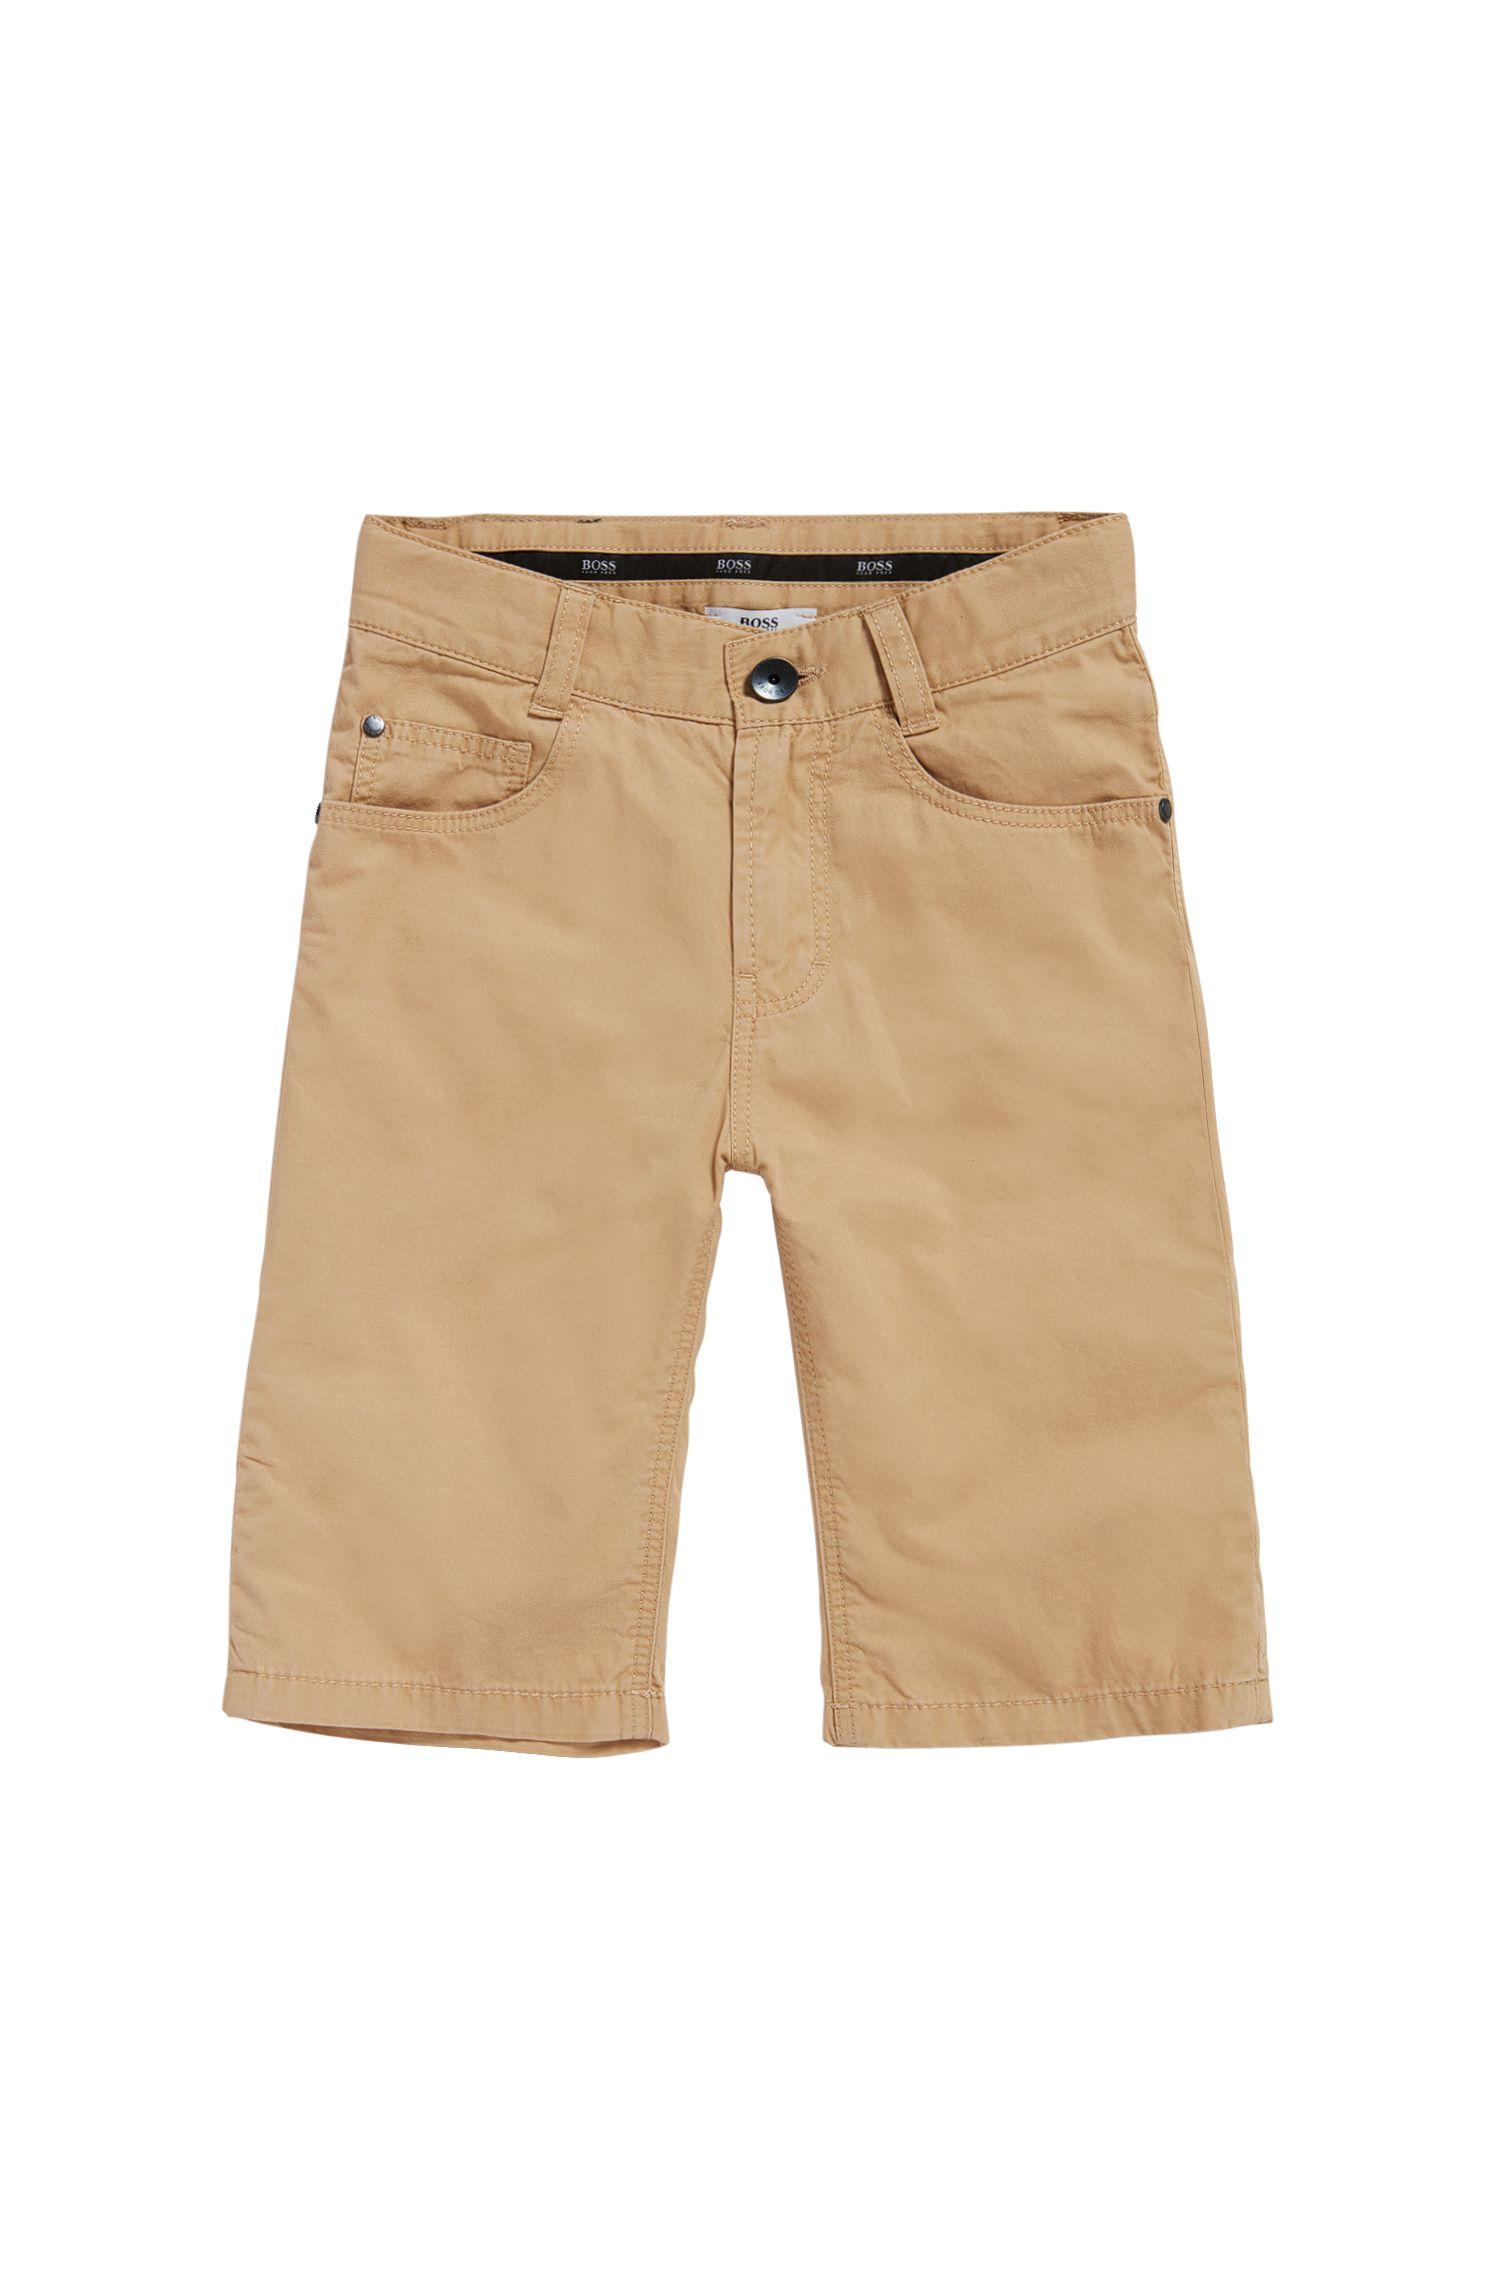 Kindershort van katoen in 5-pocket-stijl: 'J24433'